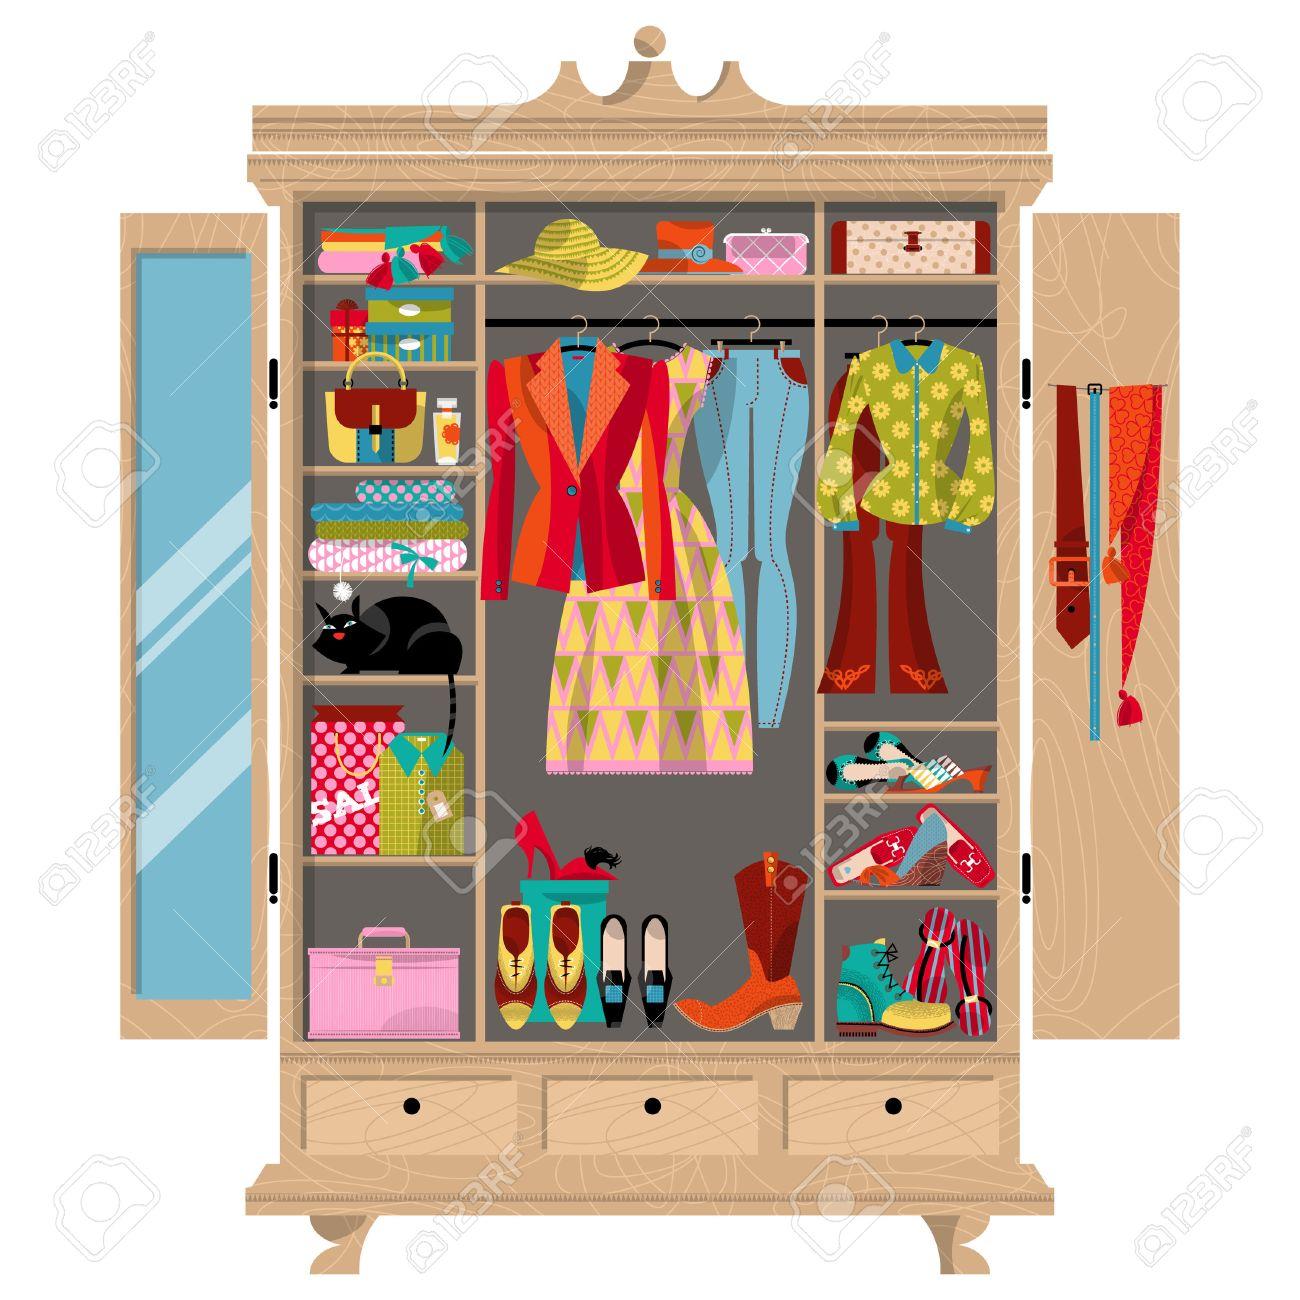 armario para telas armario con ropa bolsos cajas y zapatos tiempo de